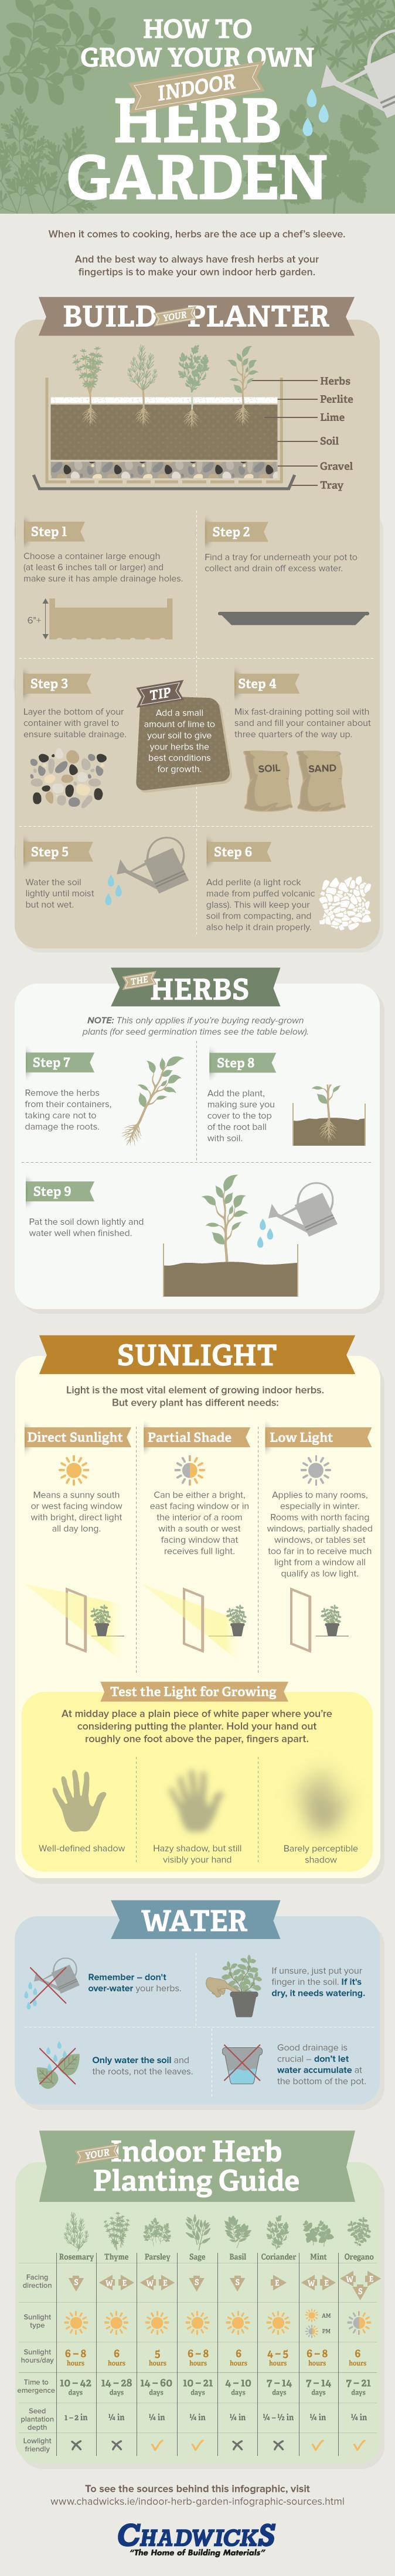 how-to-grow-your-own-indoor-herb-garden